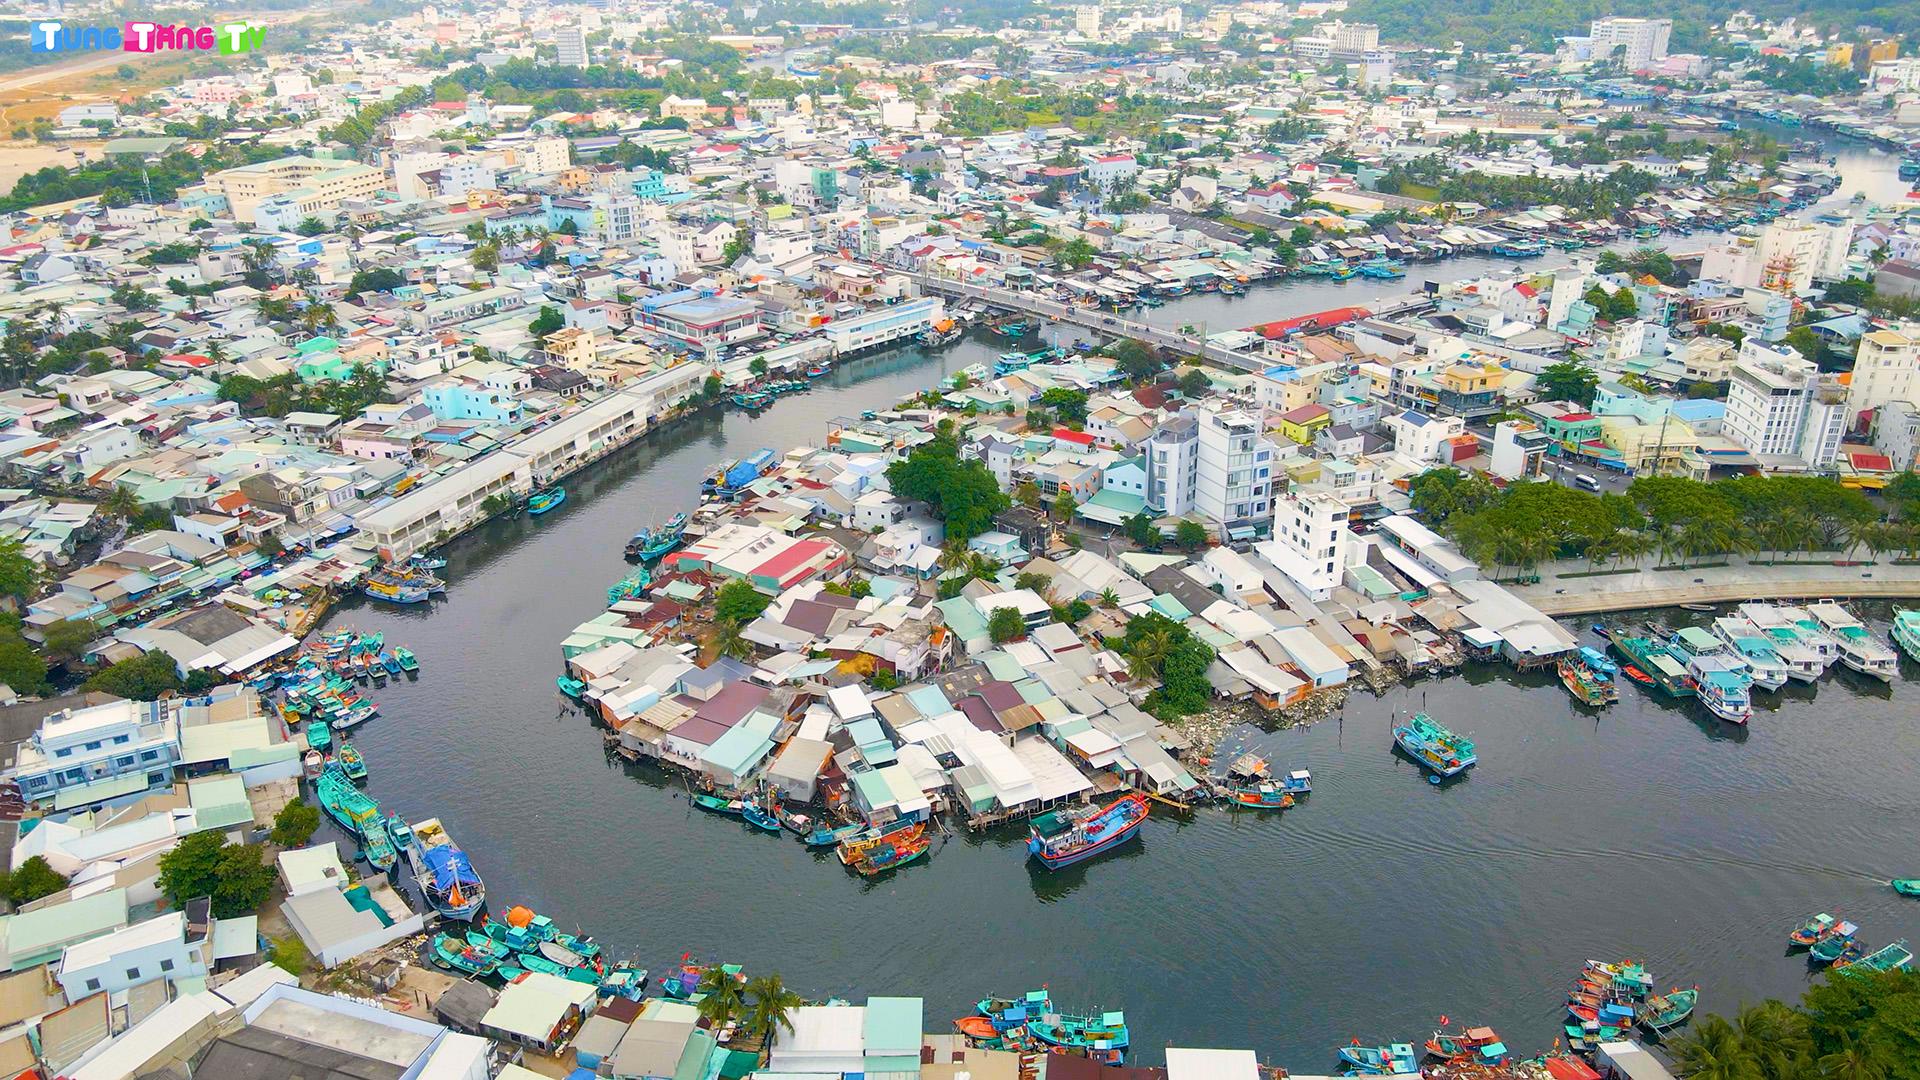 CHỢ DƯƠNG ĐÔNG PHÚ QUỐC: Trải nghiệm Thiên đường Hải sản lớn nhất Đảo Thiên Đường